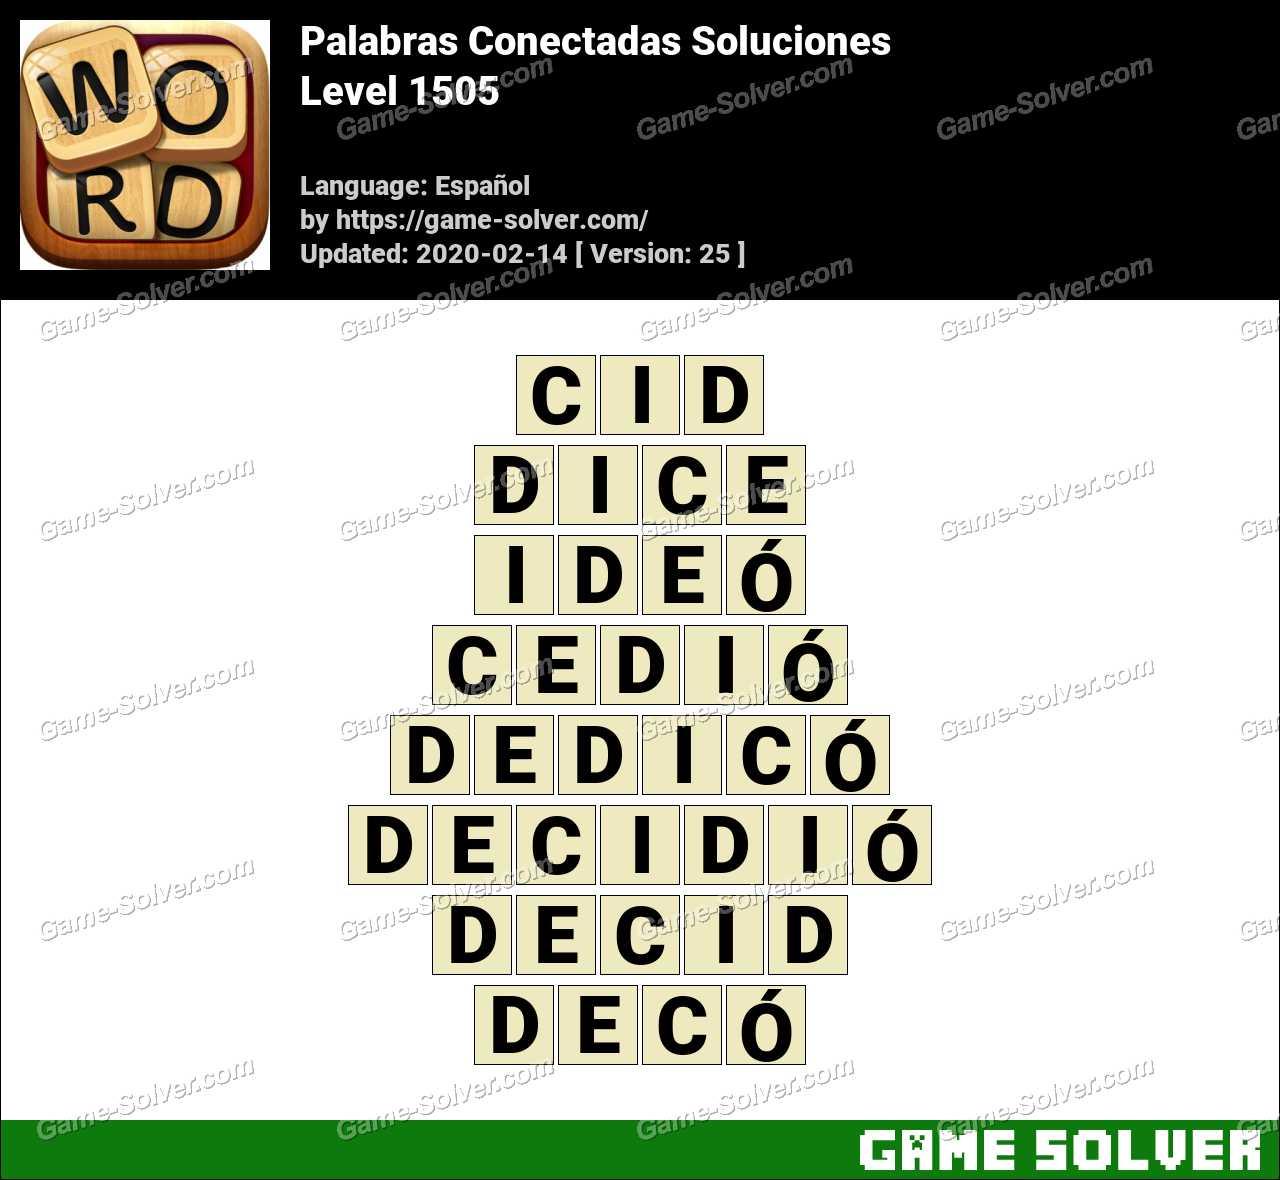 Palabras Conectadas Nivel 1505 Soluciones